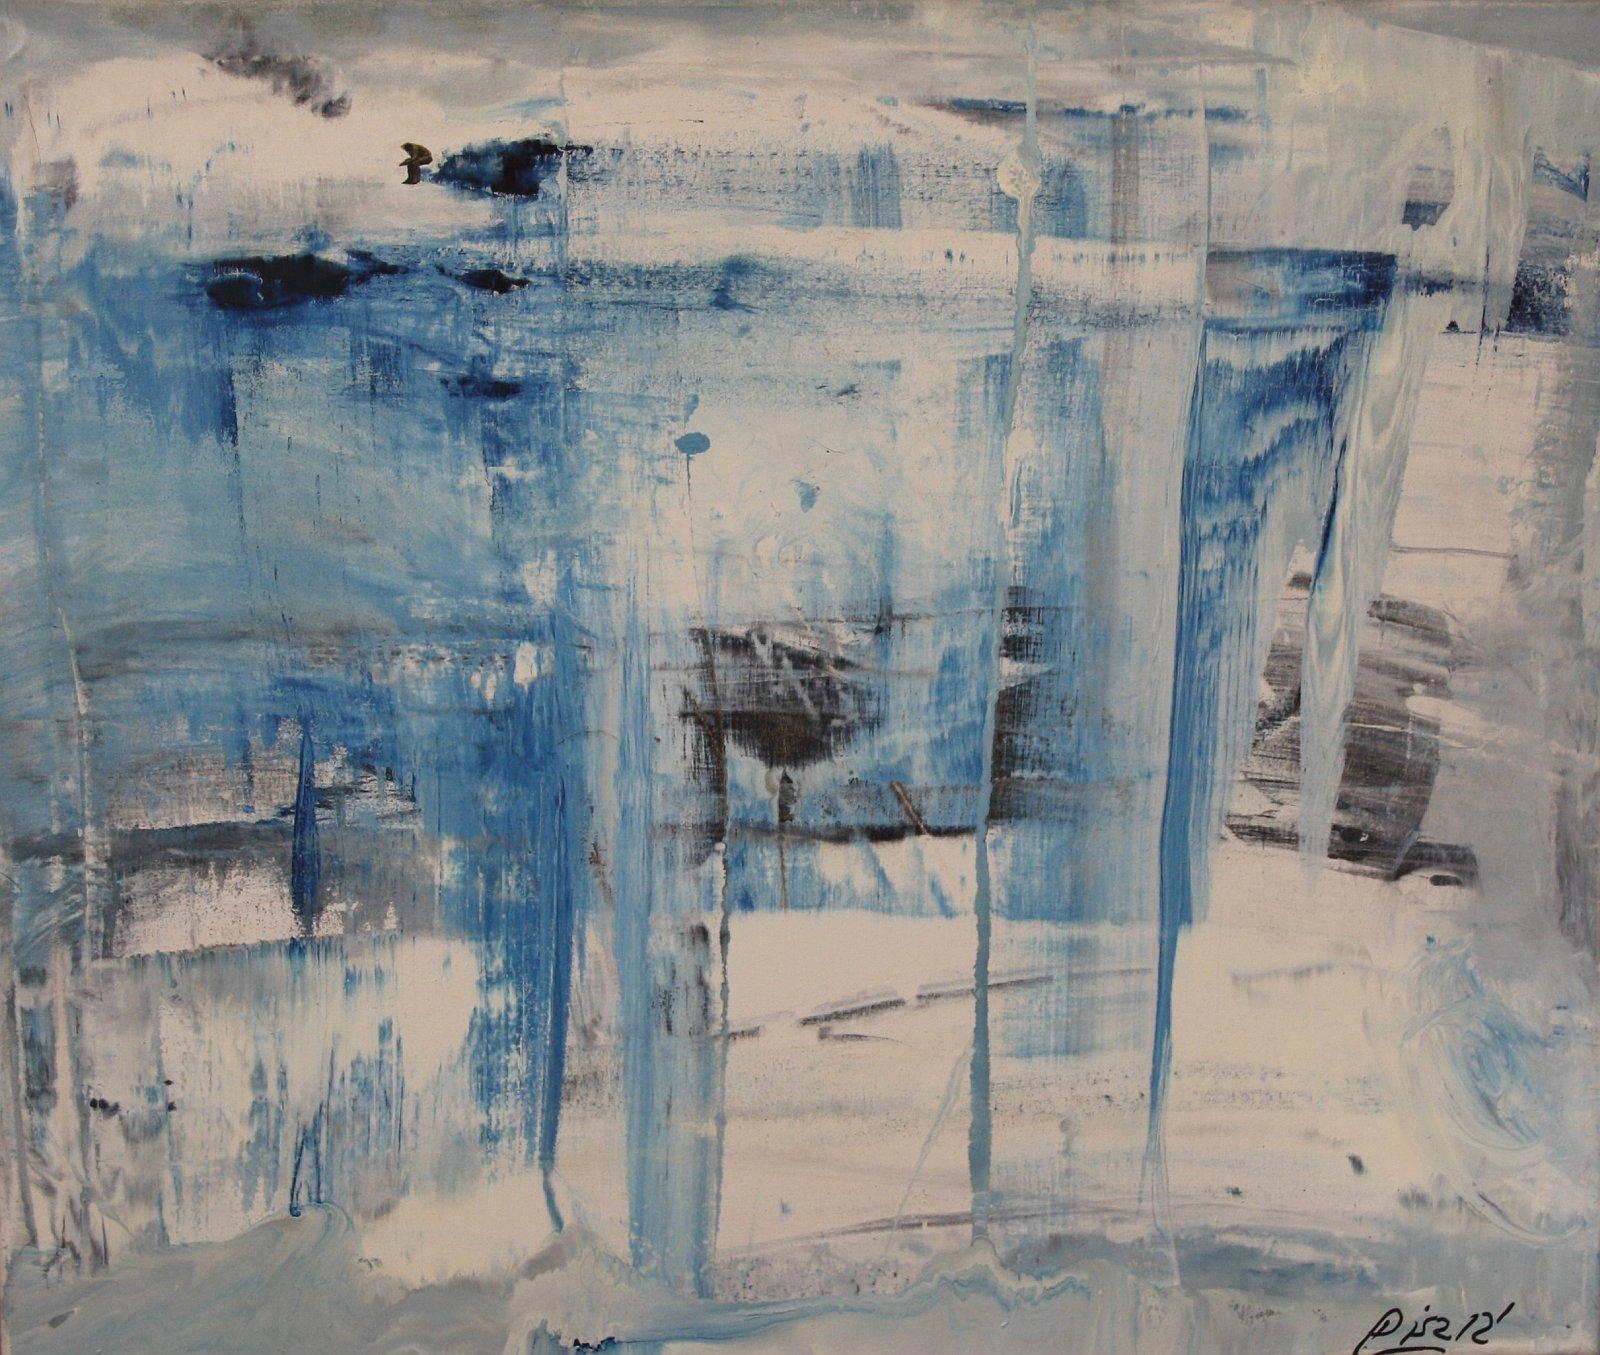 piotr-szwabe-vel-pisz_bez-tytułu-collage-olej-na-płtnie-50x60cm,2013